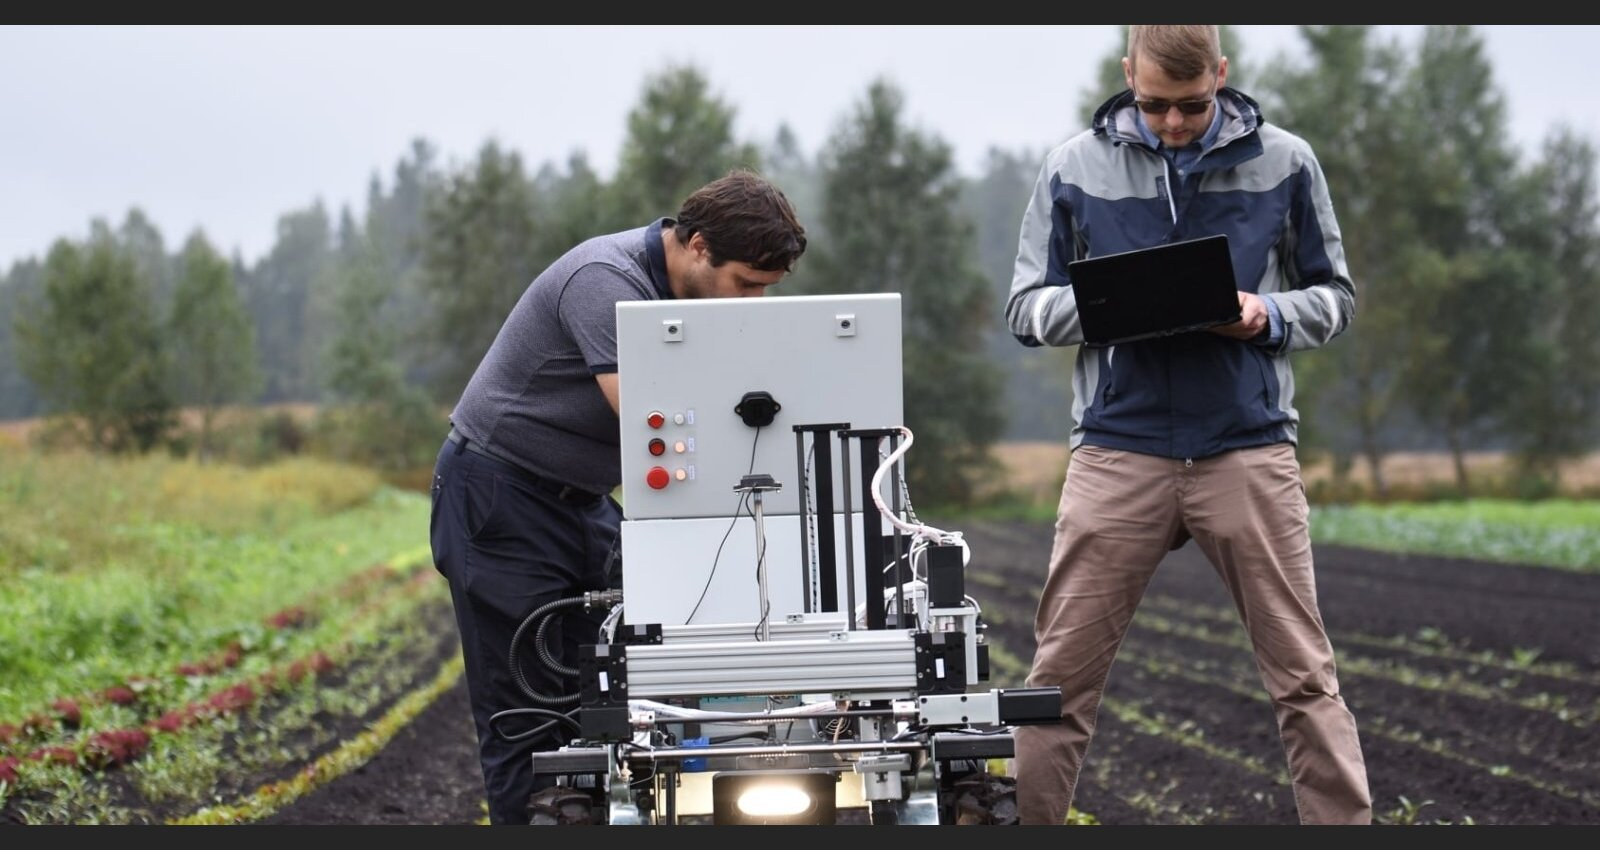 Bez sabojāta brīvlaika? Latviešu zinātnieki radījuši ravēšanas robotu un meklē ražotājus